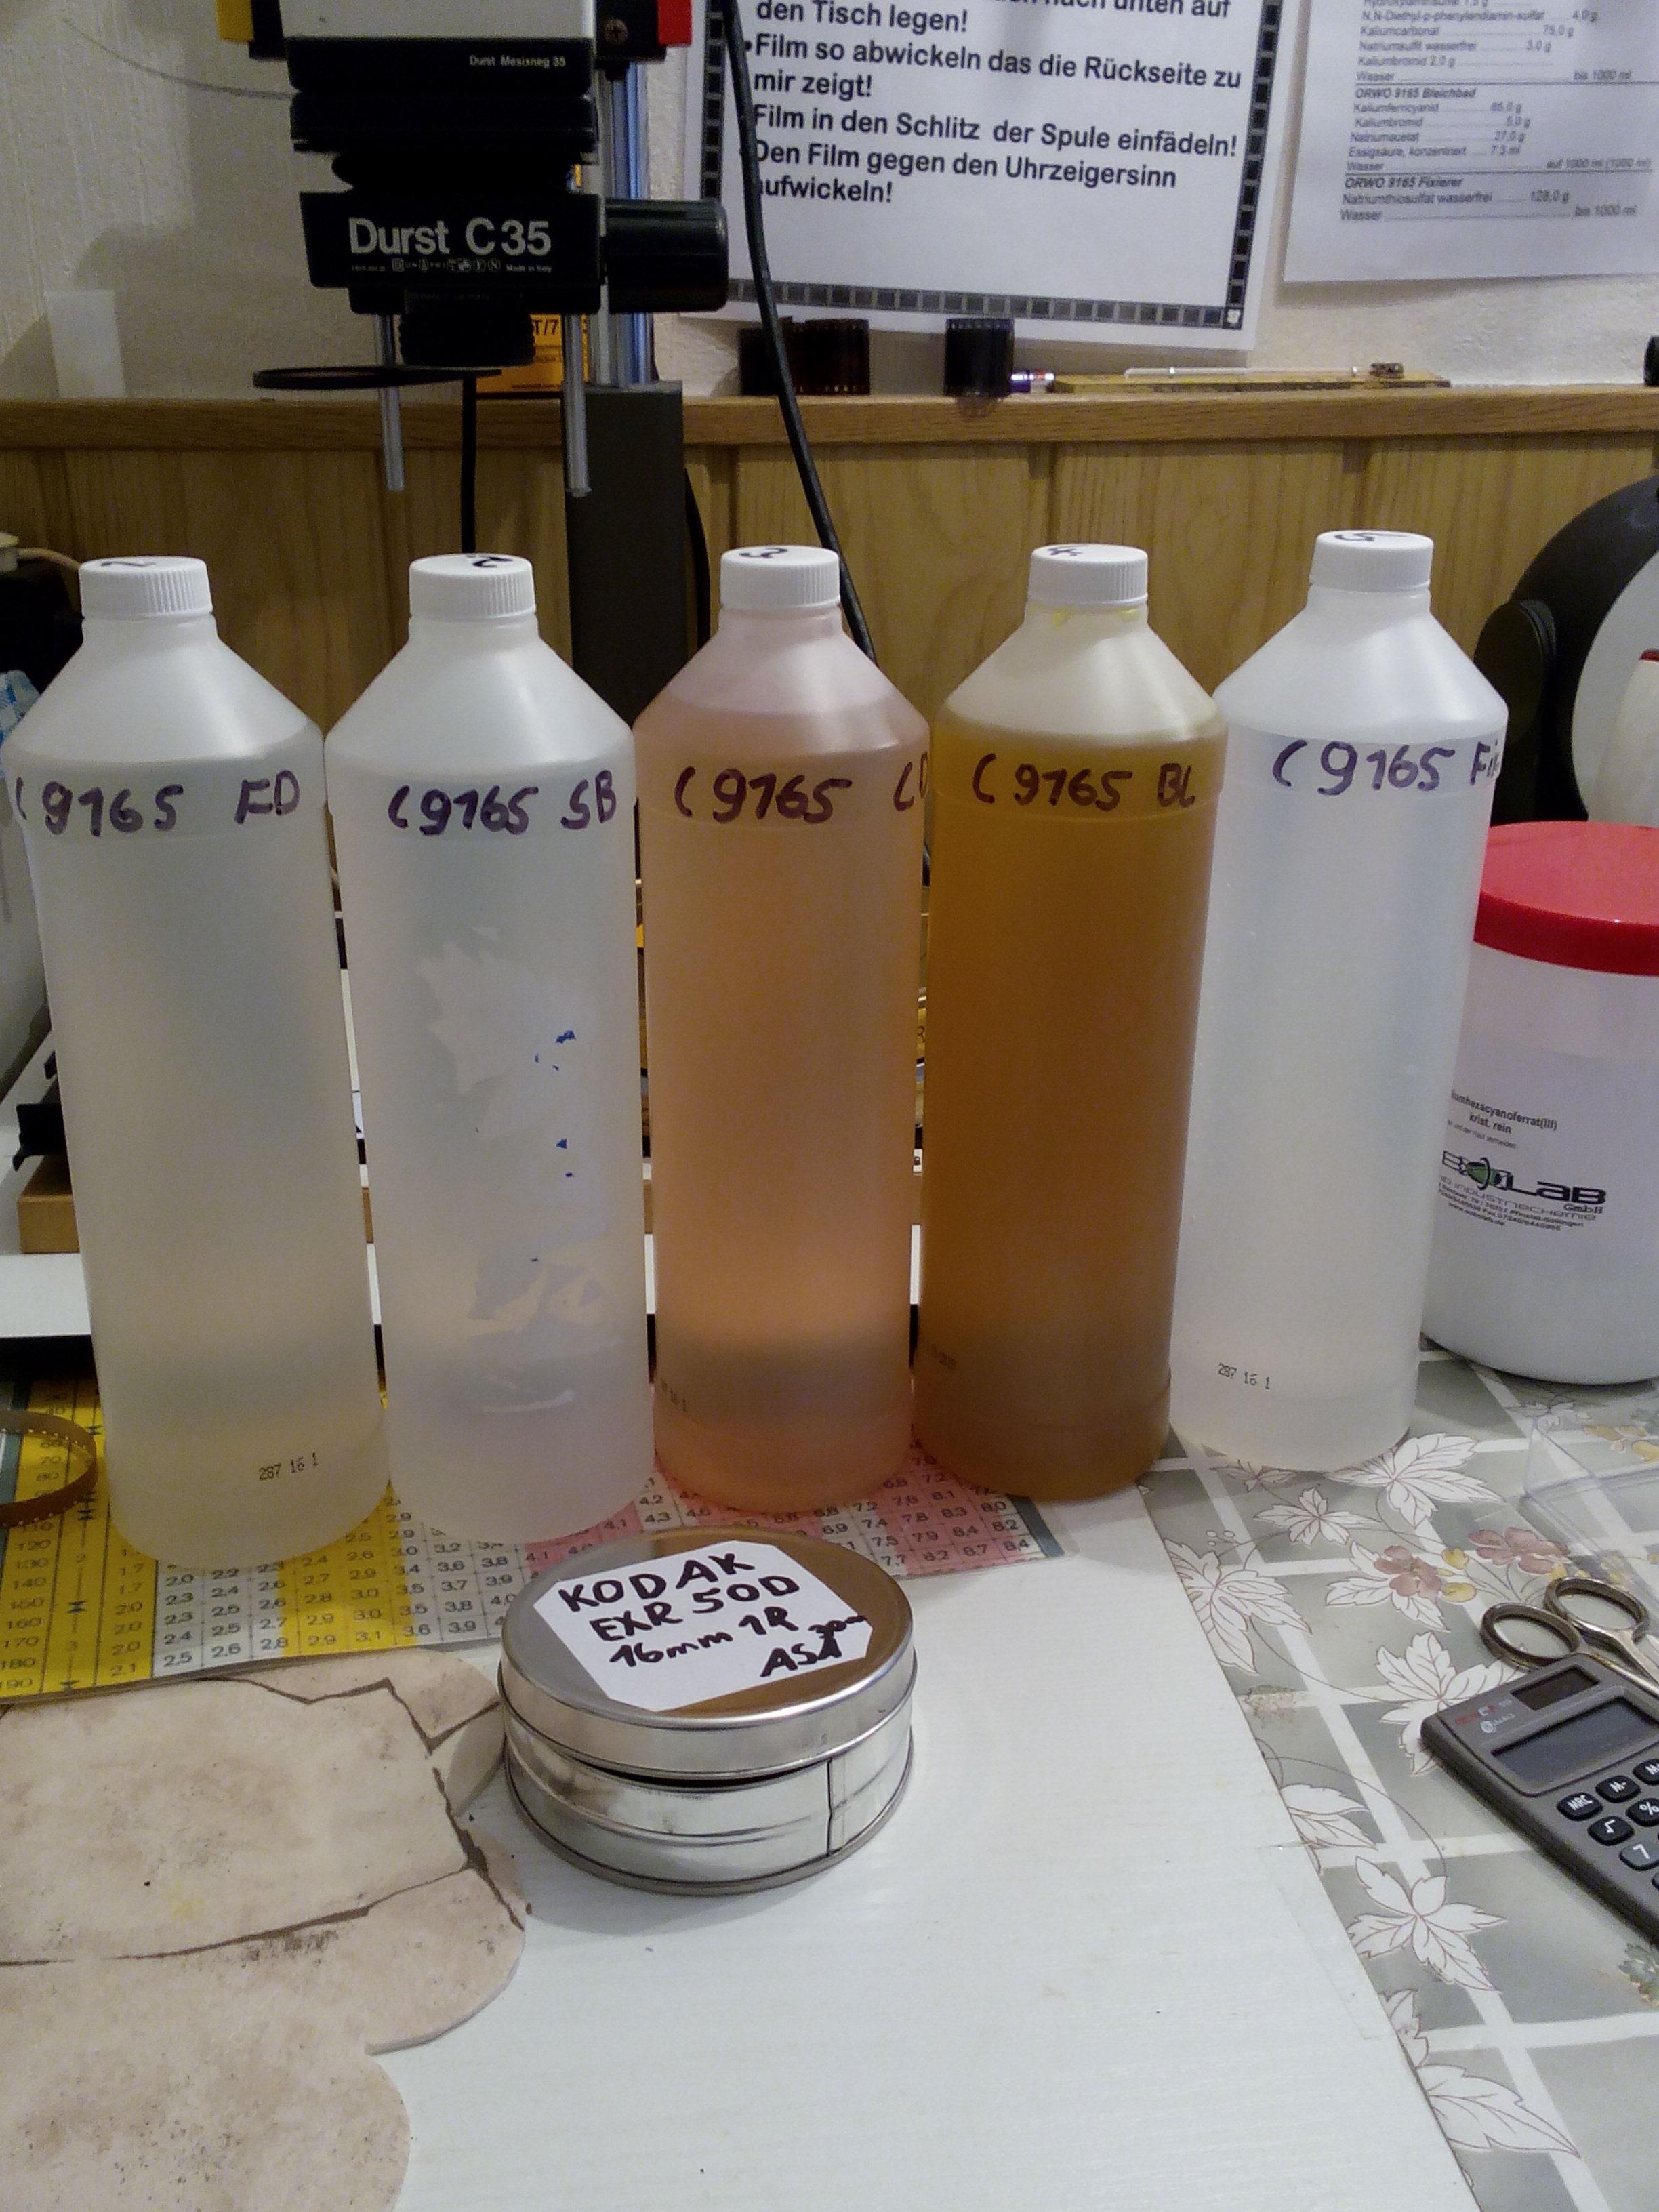 ORWO C 9165 Entwicklung in nachgebauter Chemie